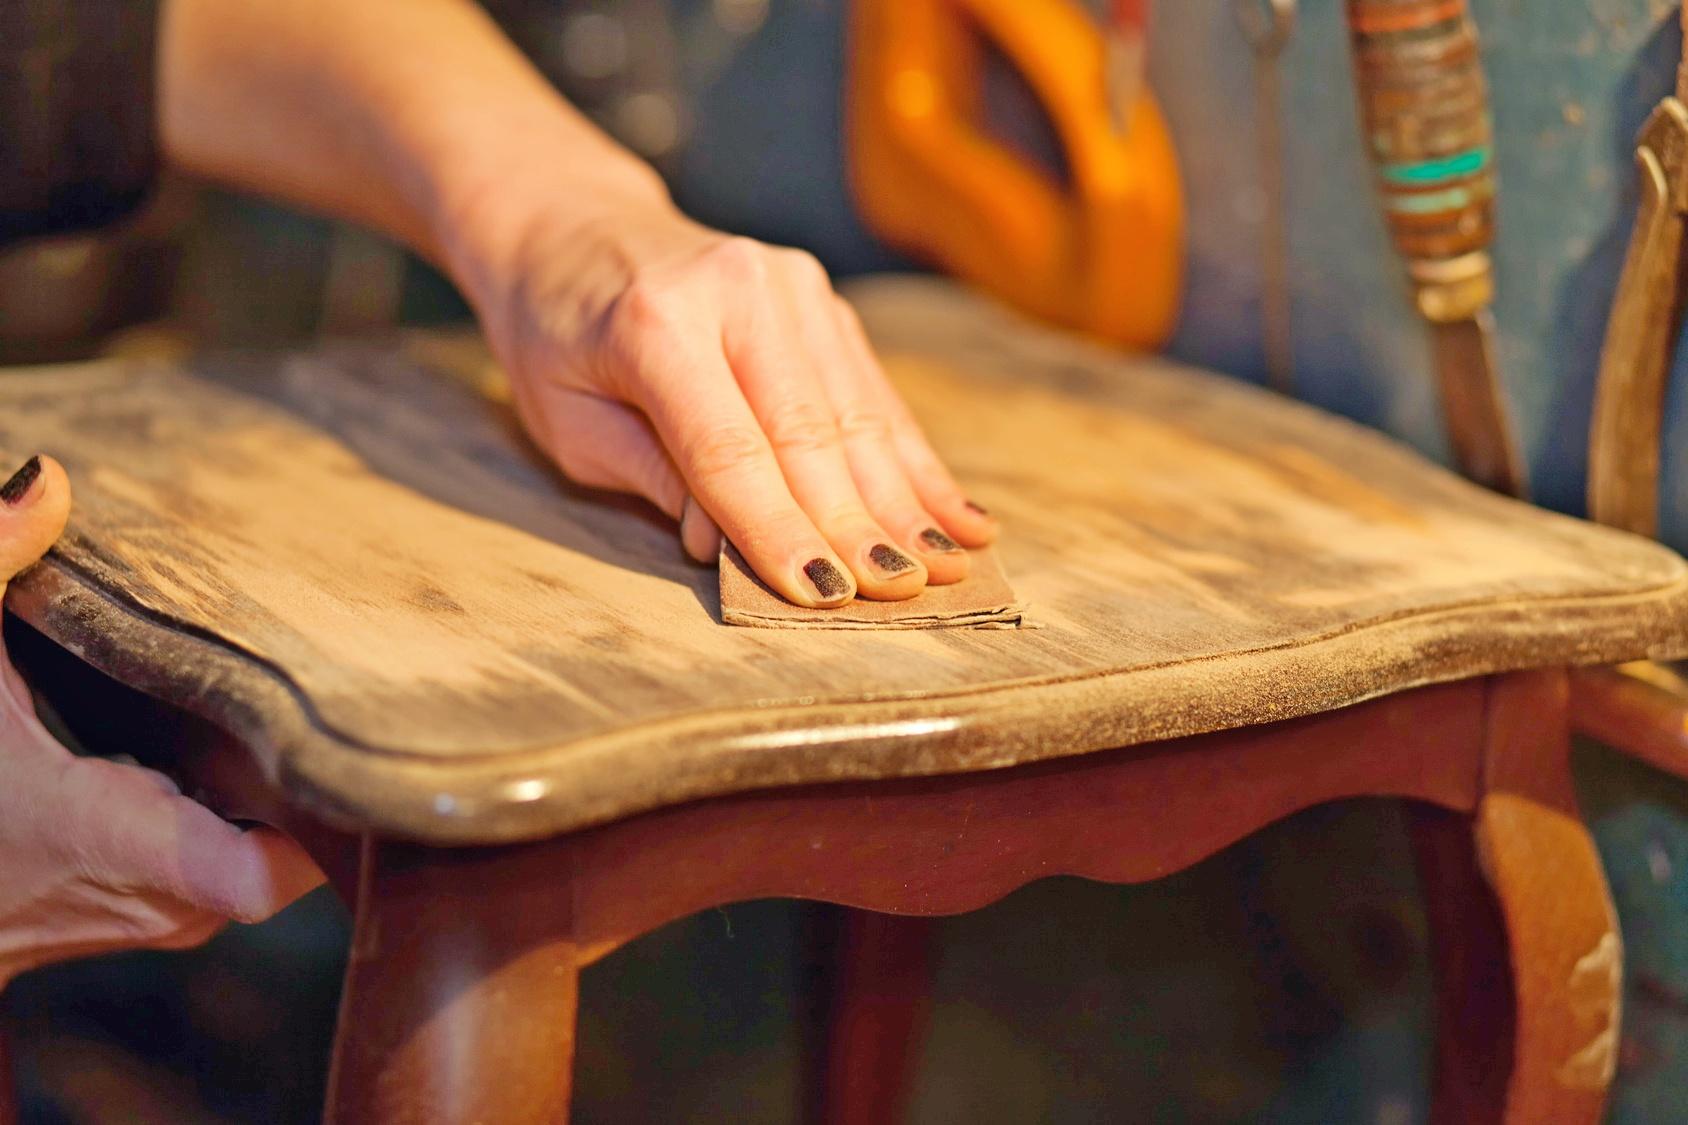 Comment Peindre Un Meuble En Bois comment peindre un meuble en bois facilement ? nos conseils